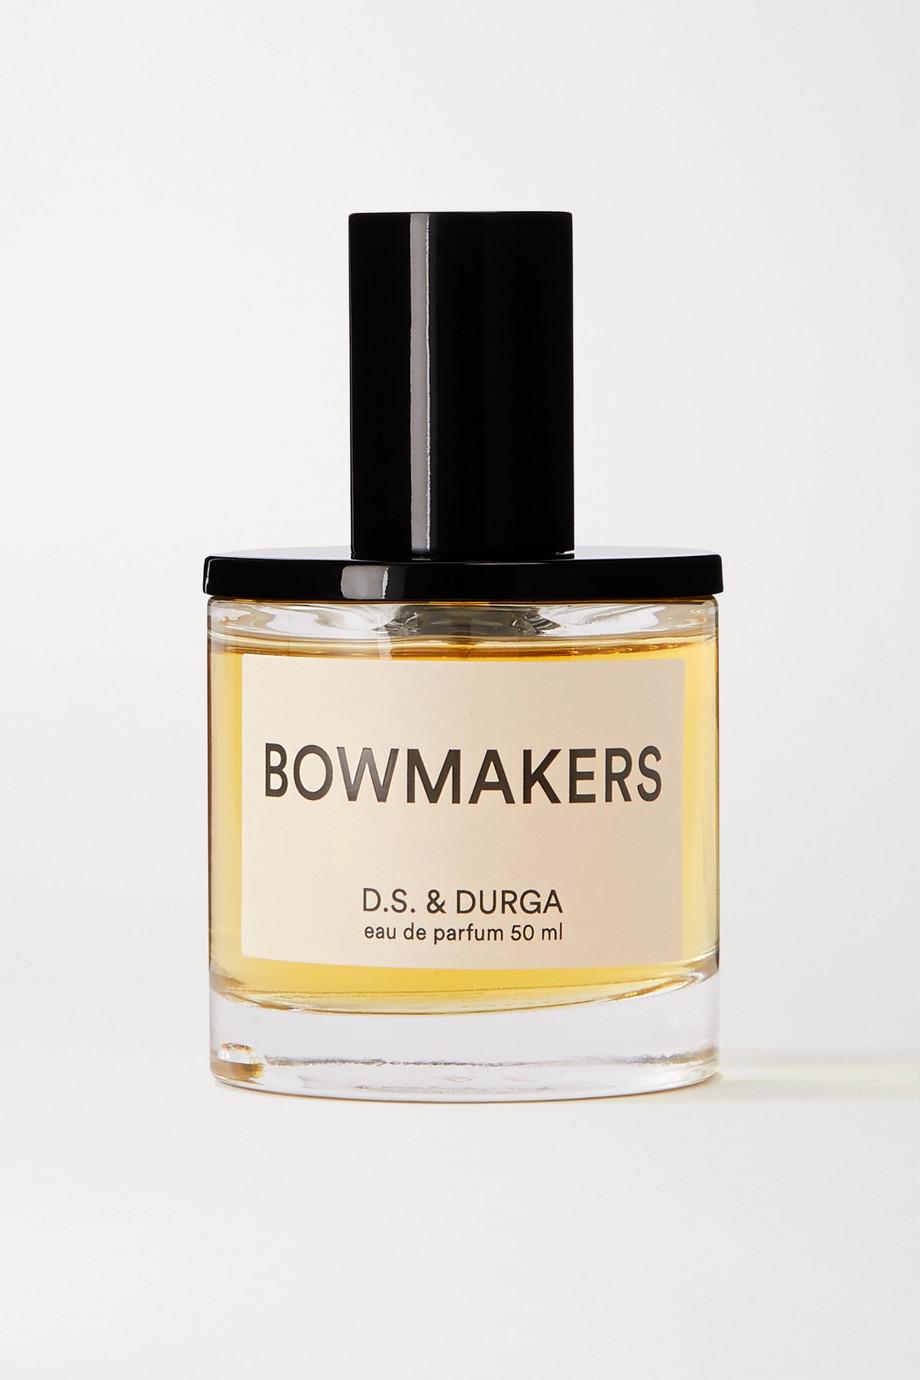 D.S. & Durga Eau de Parfum - Bowmakers, 50ml